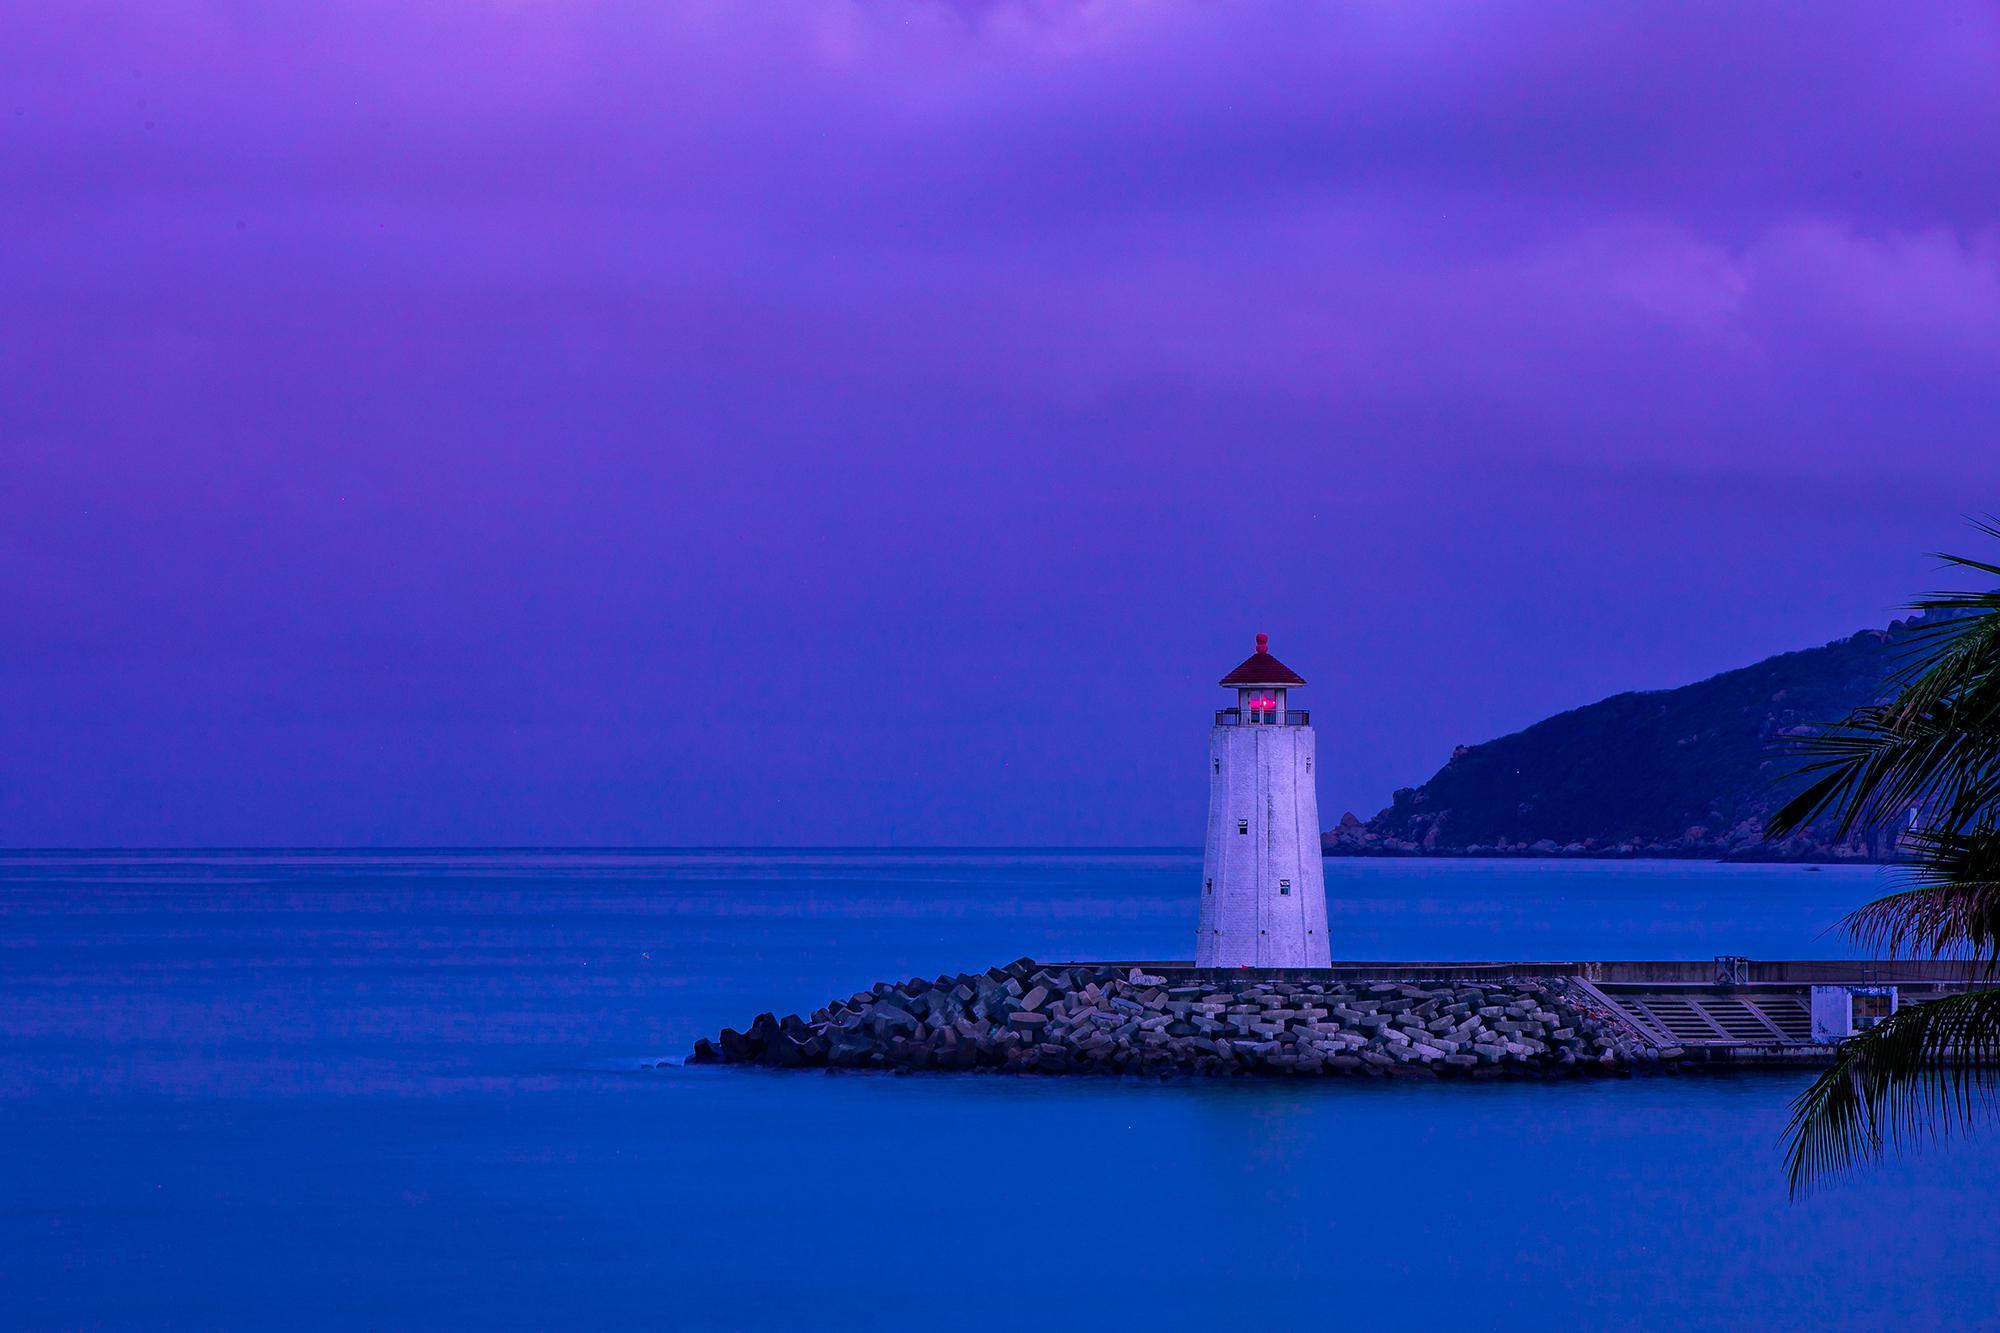 每次看到海中间那个白色的灯塔,我就知道那里就是三亚瑞吉酒店了